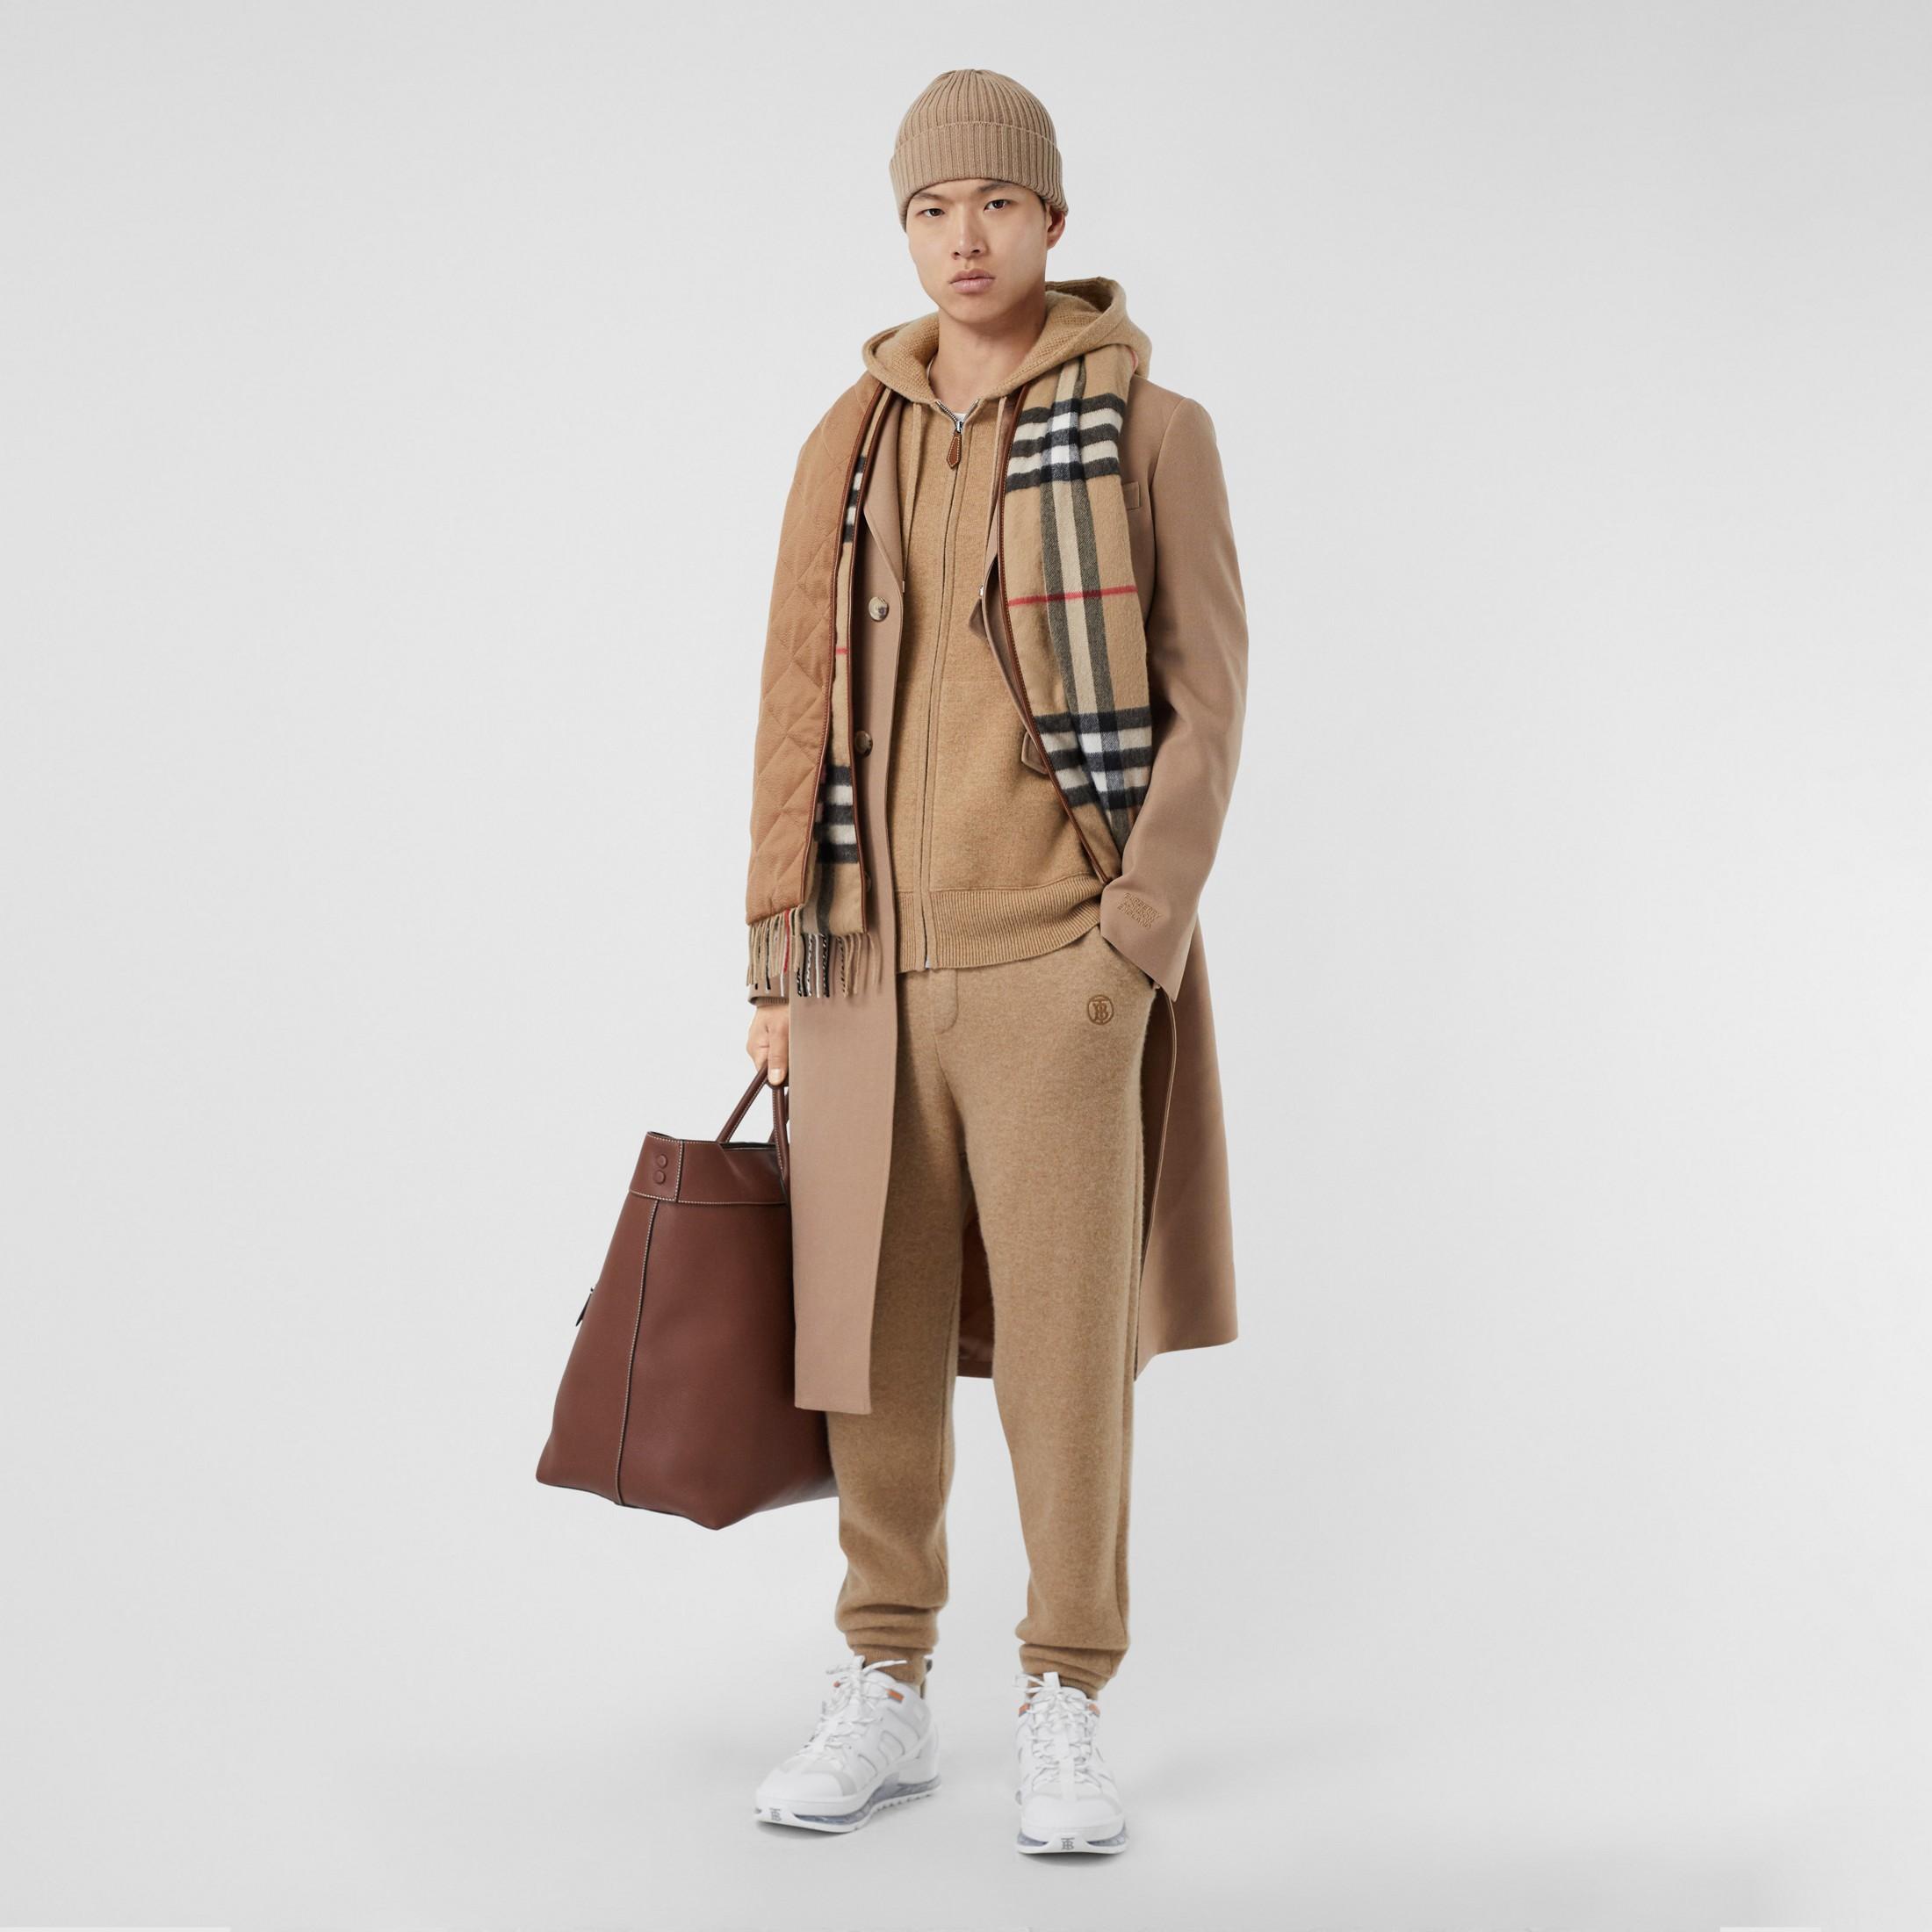 sportswear look